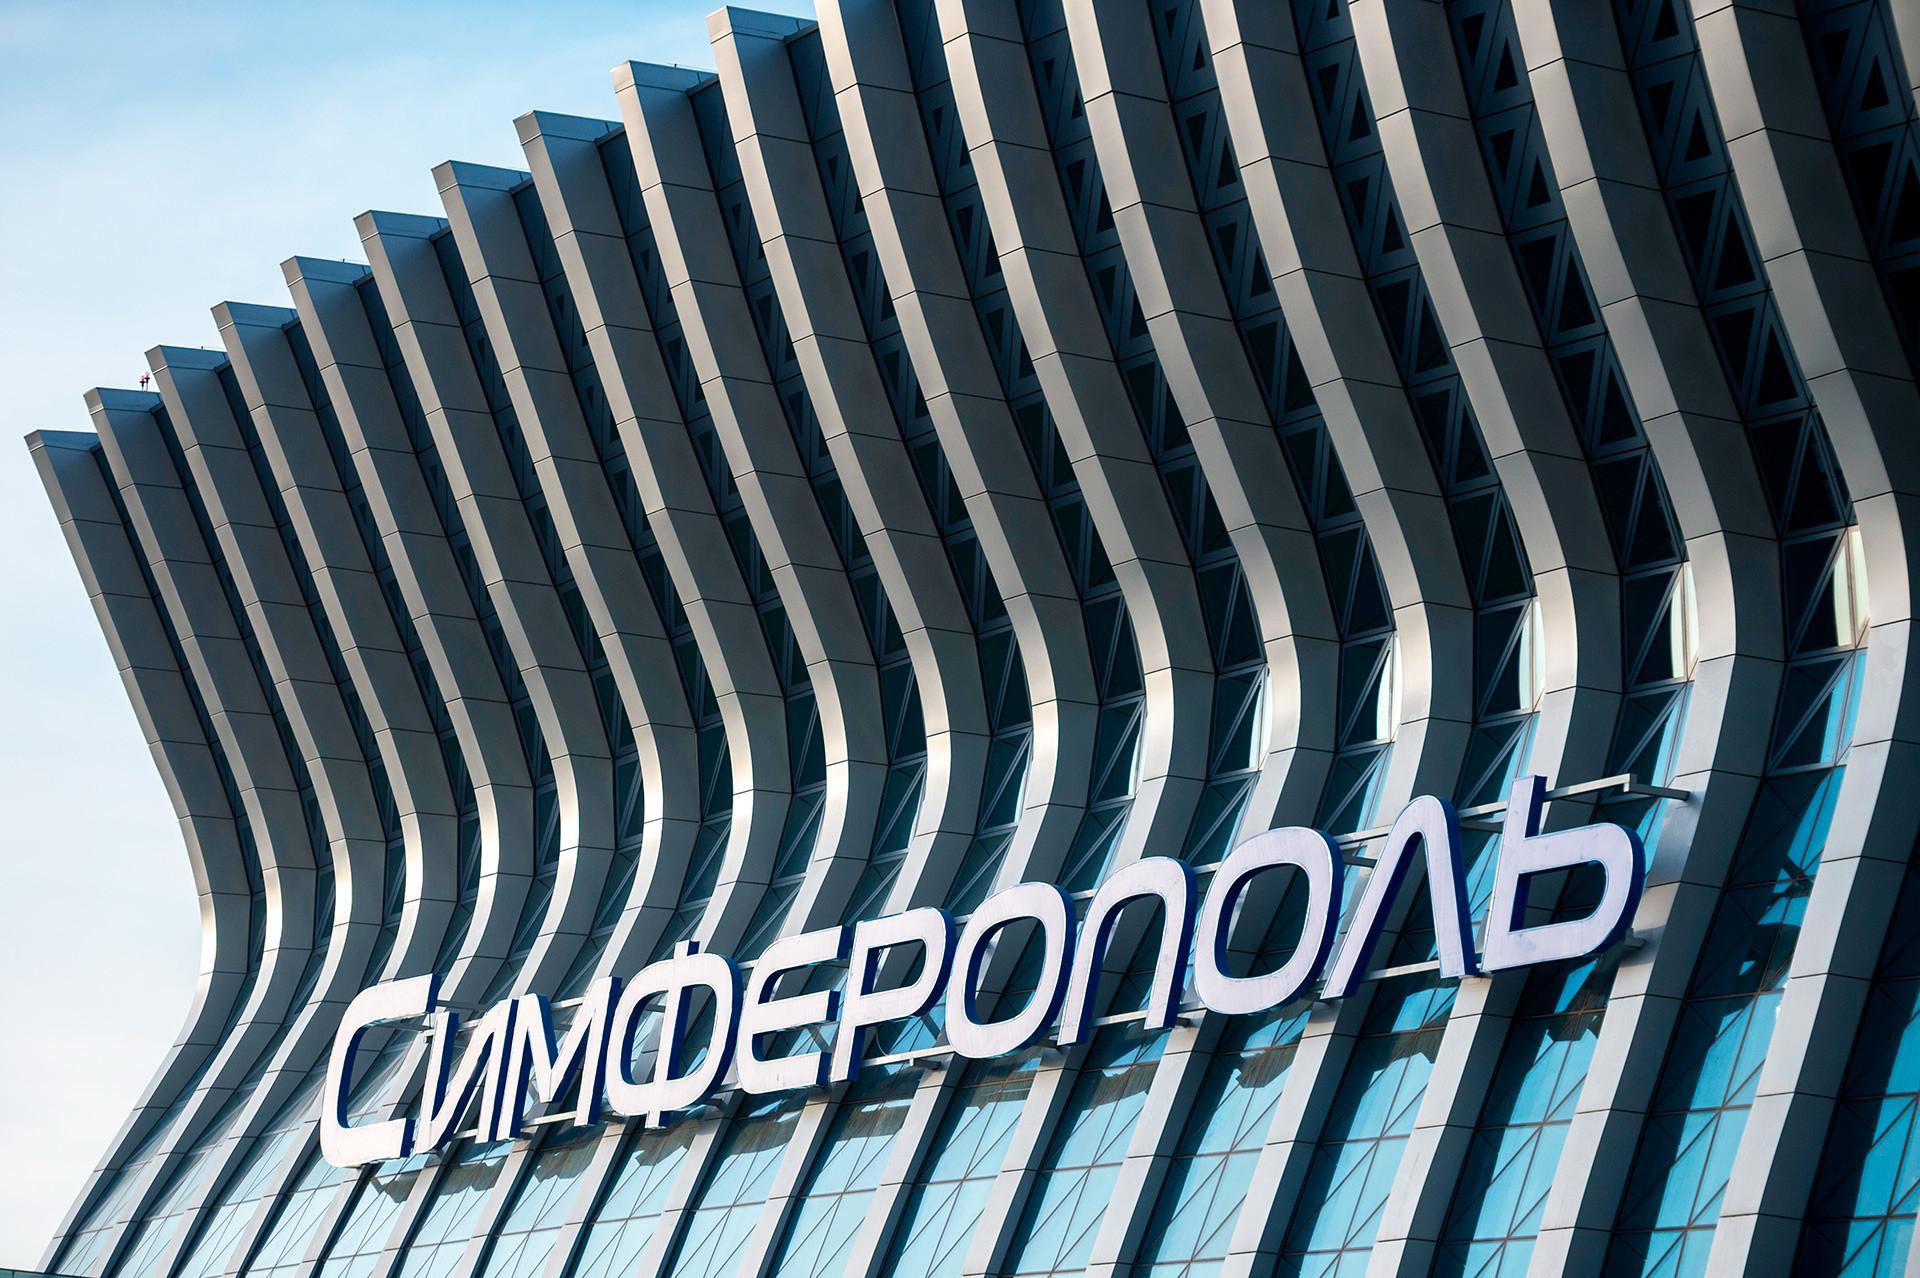 Er ist dreimal größer als der alte Vorgänger und nund er größte Flughafen in Südrussland.